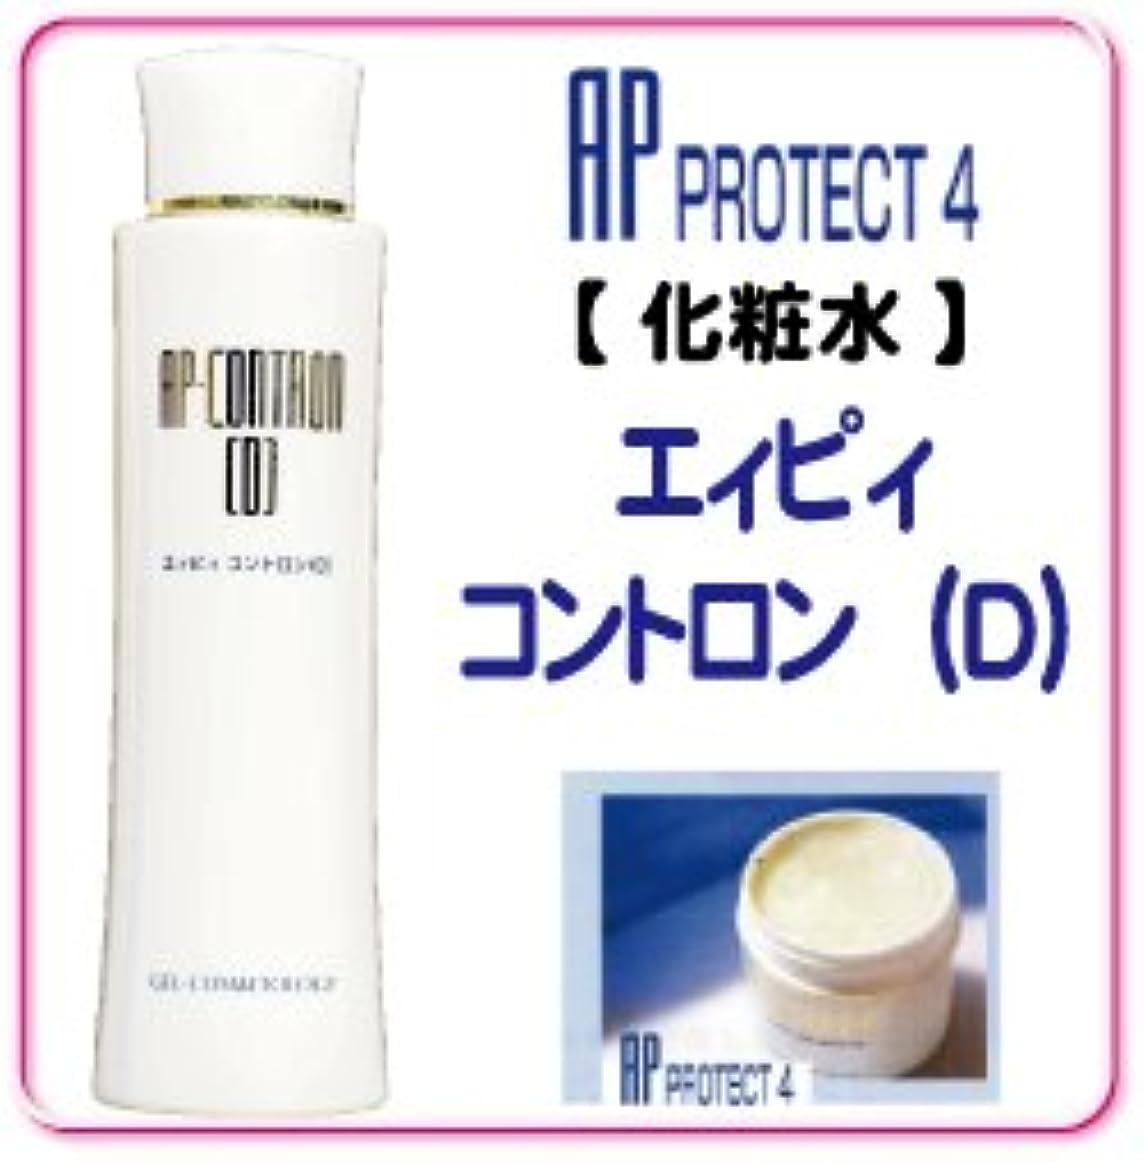 テープ蘇生する謝罪するベルマン化粧品 APprotectシリーズ  エィピィコントロンD